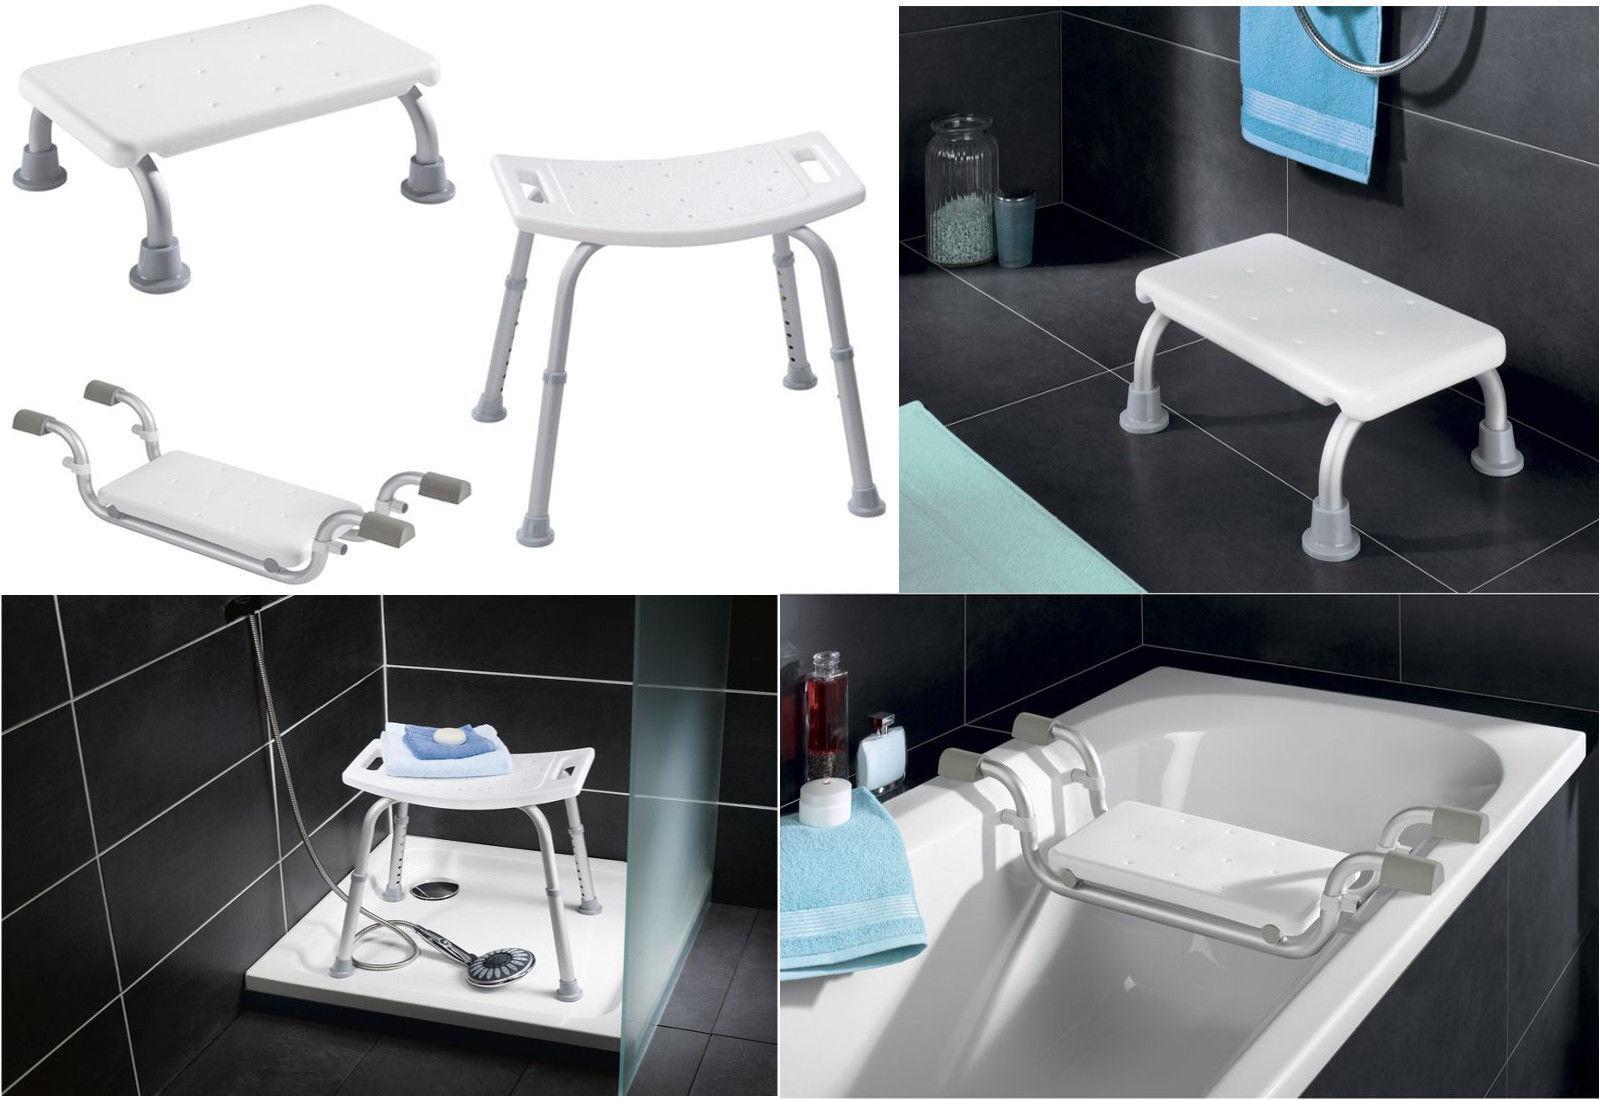 Alu Komfort Badewannensitz-Steighilfe-Duschhocker Badehilfe Badewanne Duschsitz